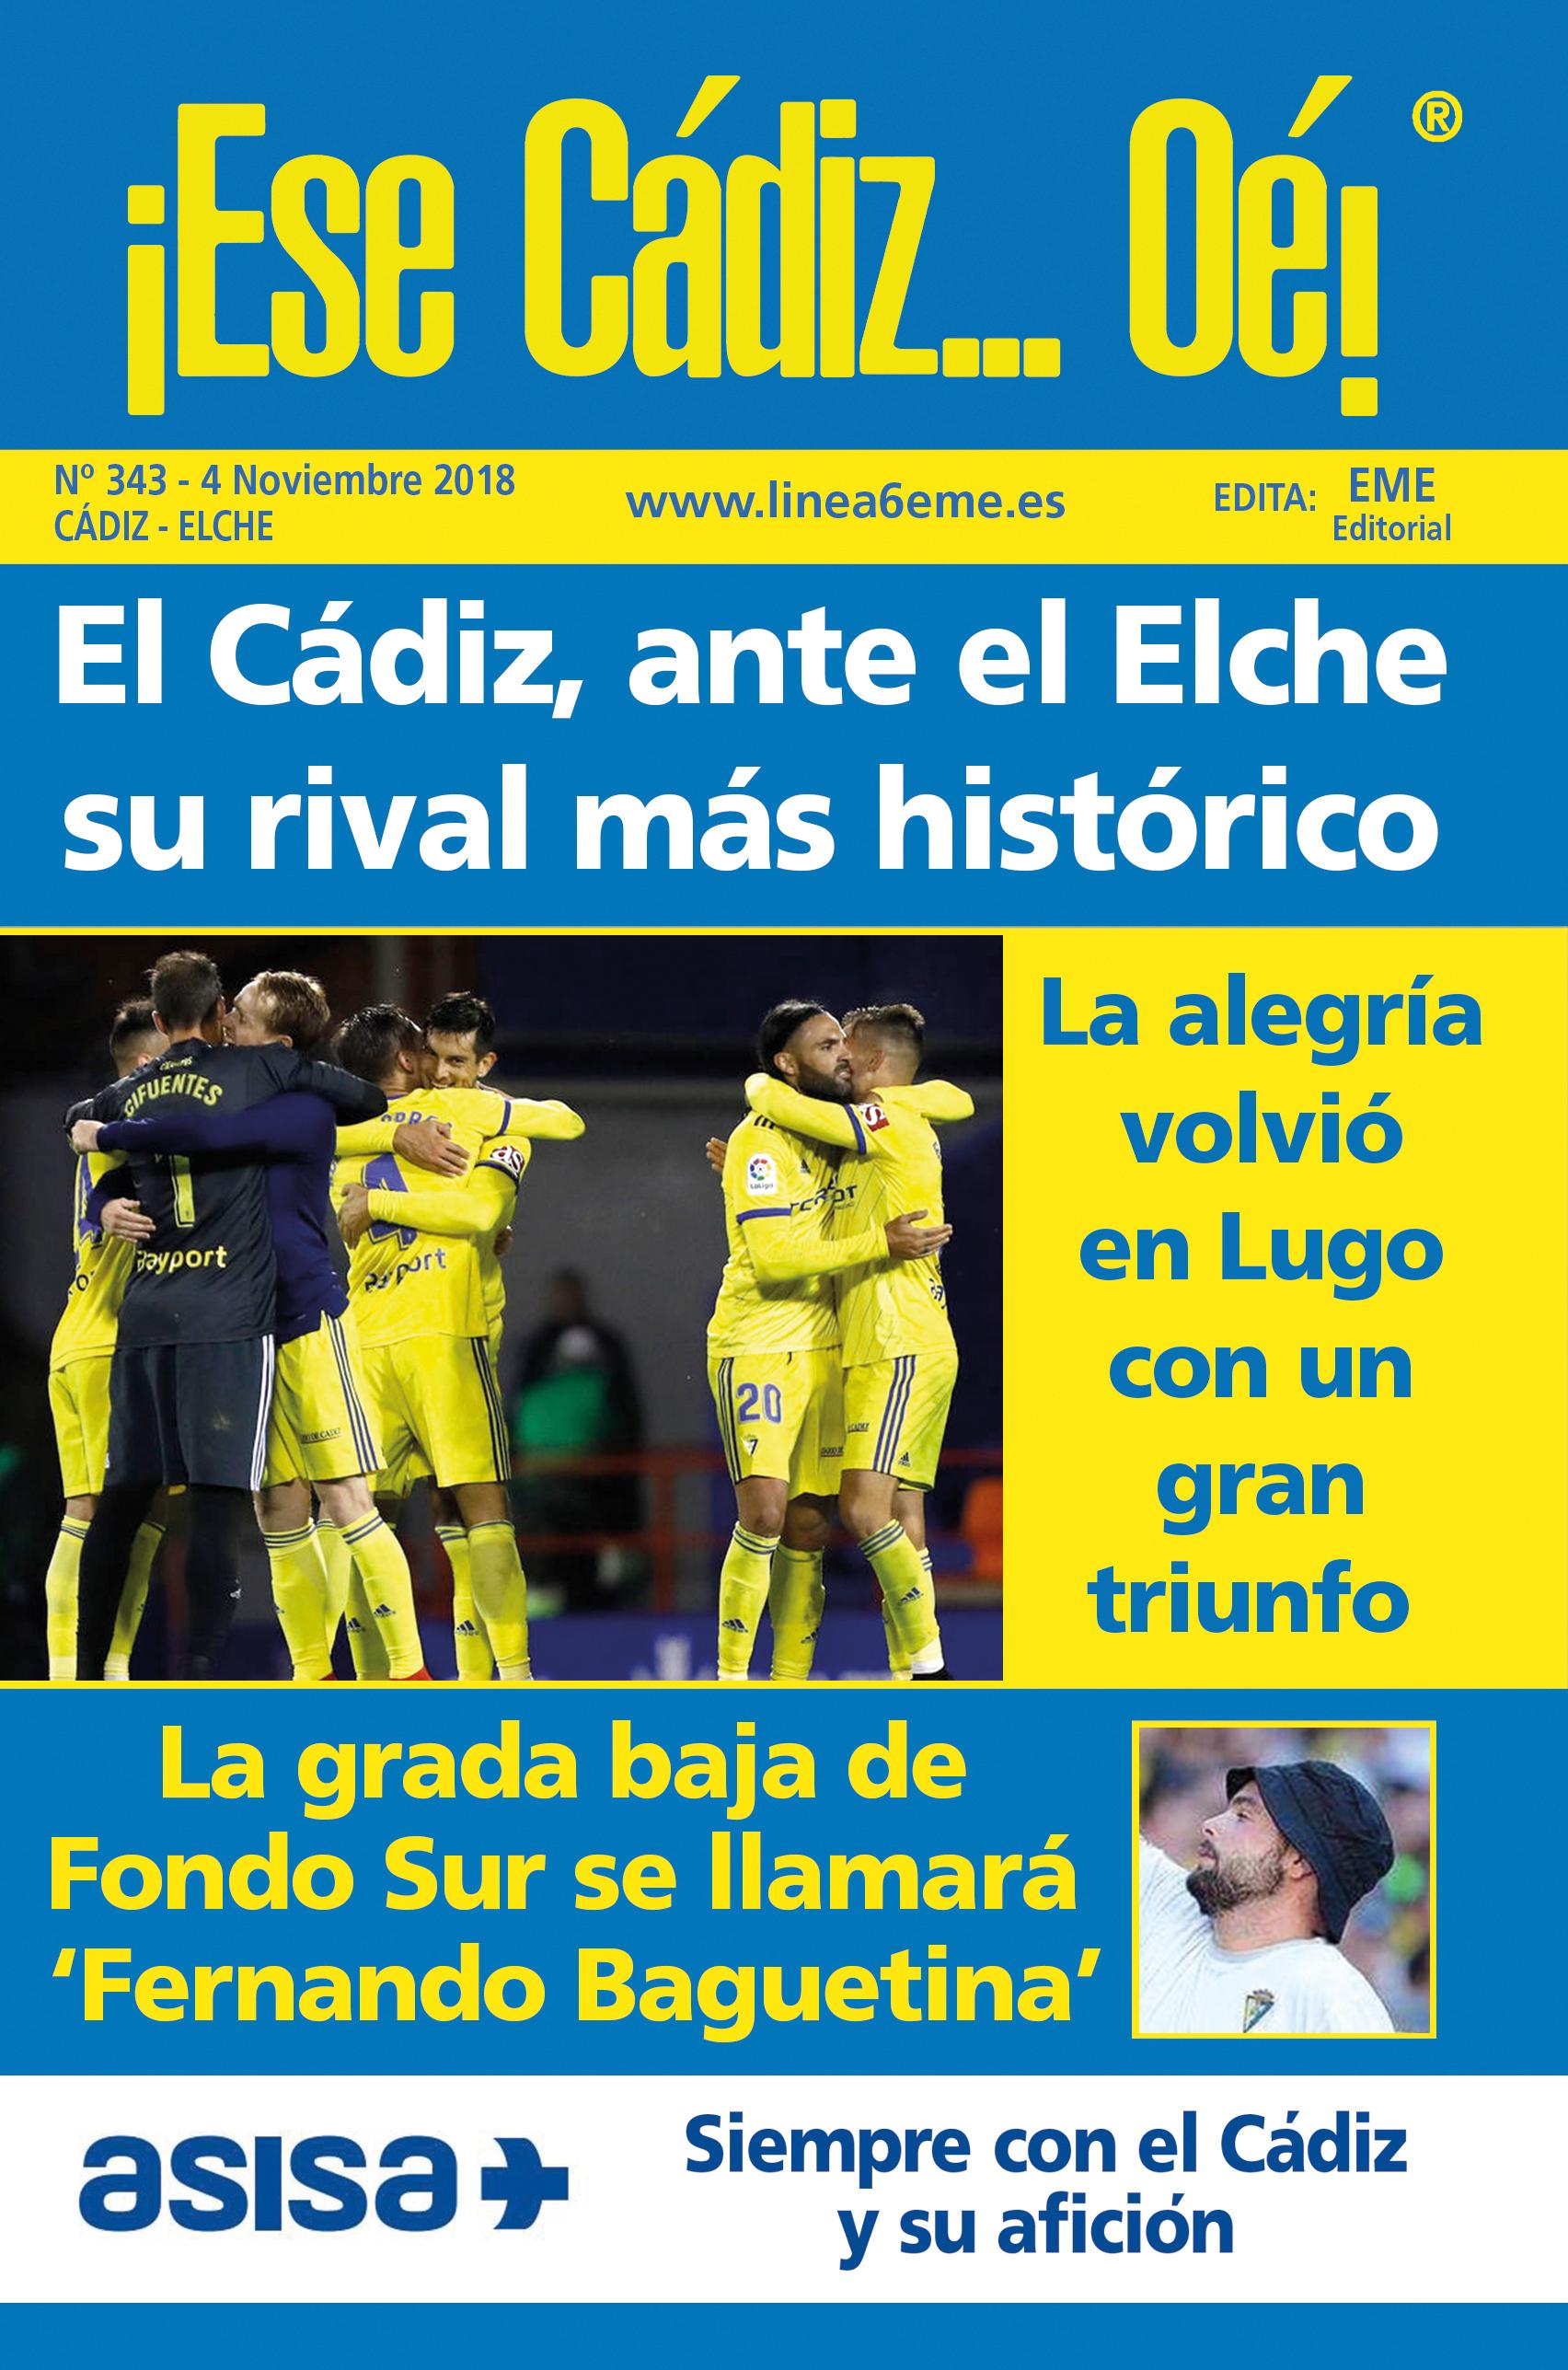 ¡Ese Cádiz…Oé! núm. 343 Temporada 2018/19